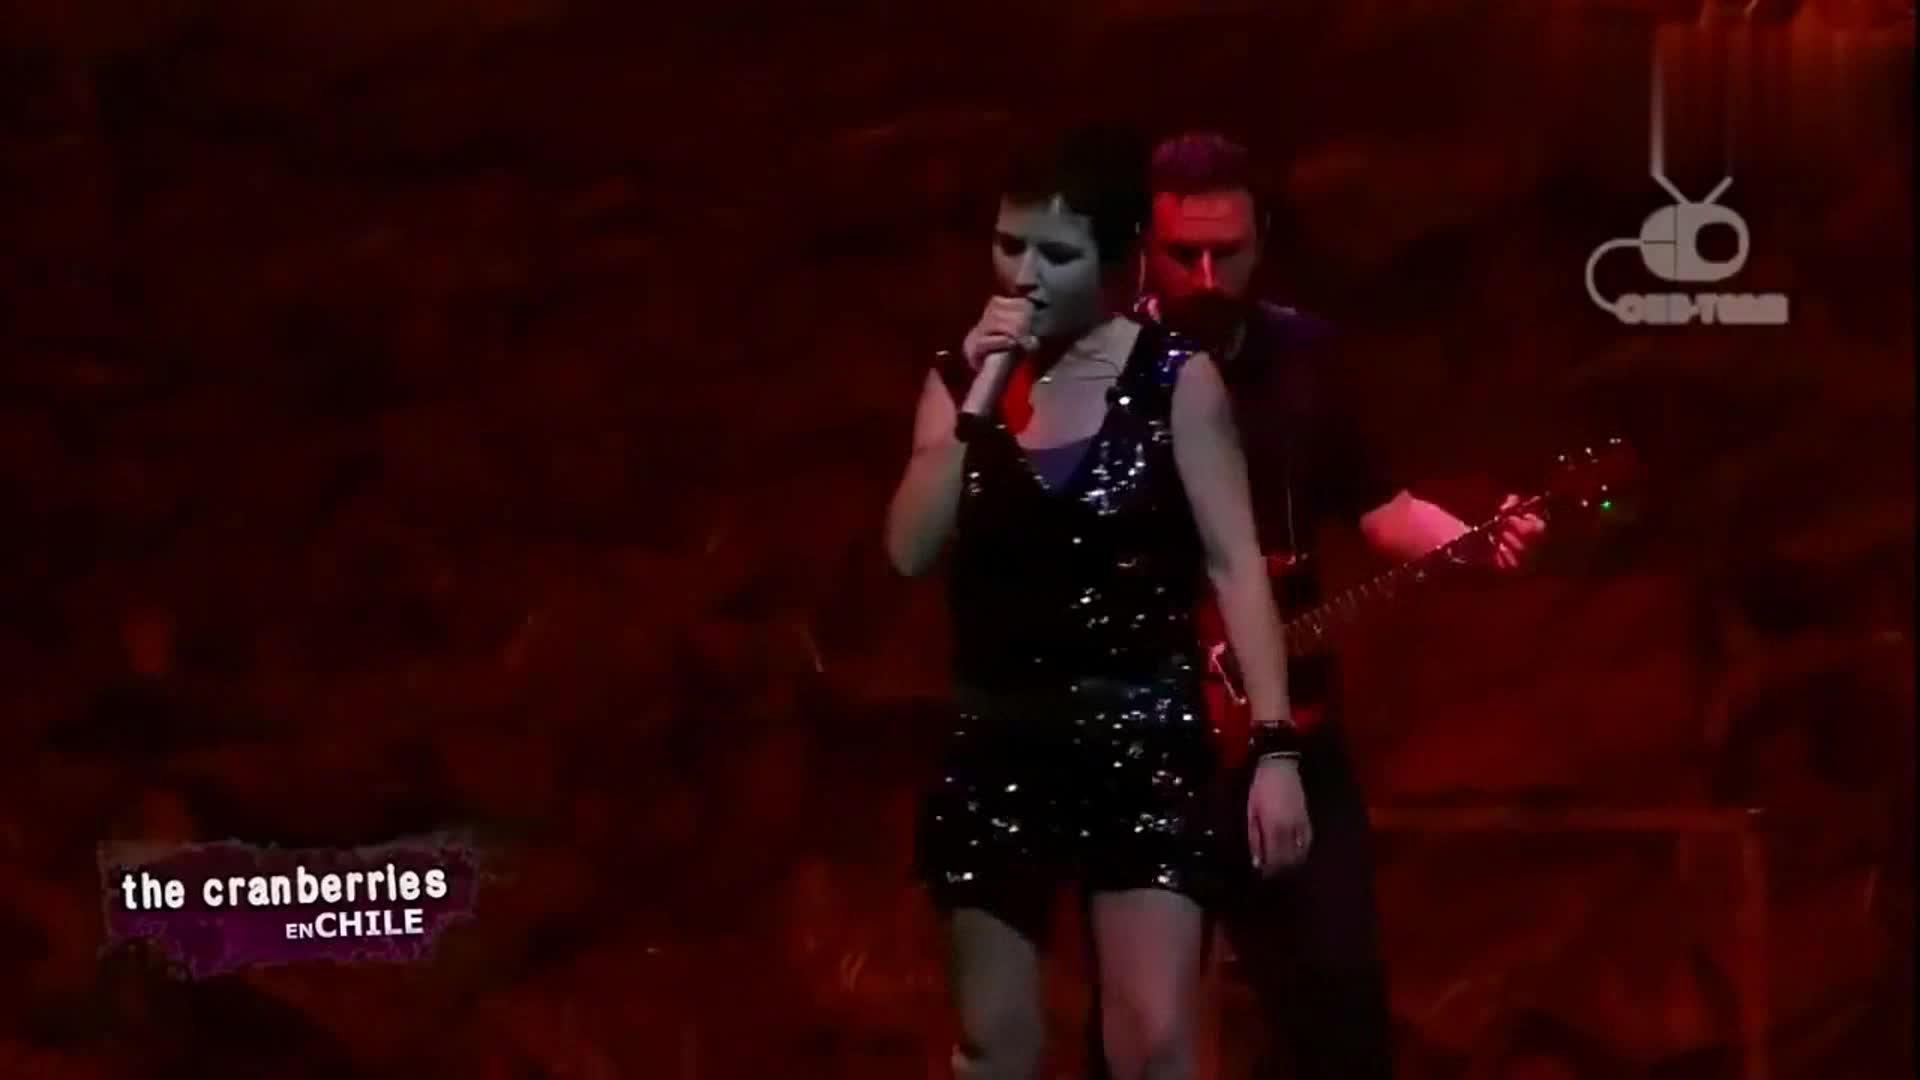 王菲《梦中人》原来是翻唱她的唱腔,怪不得听起来那么熟悉!